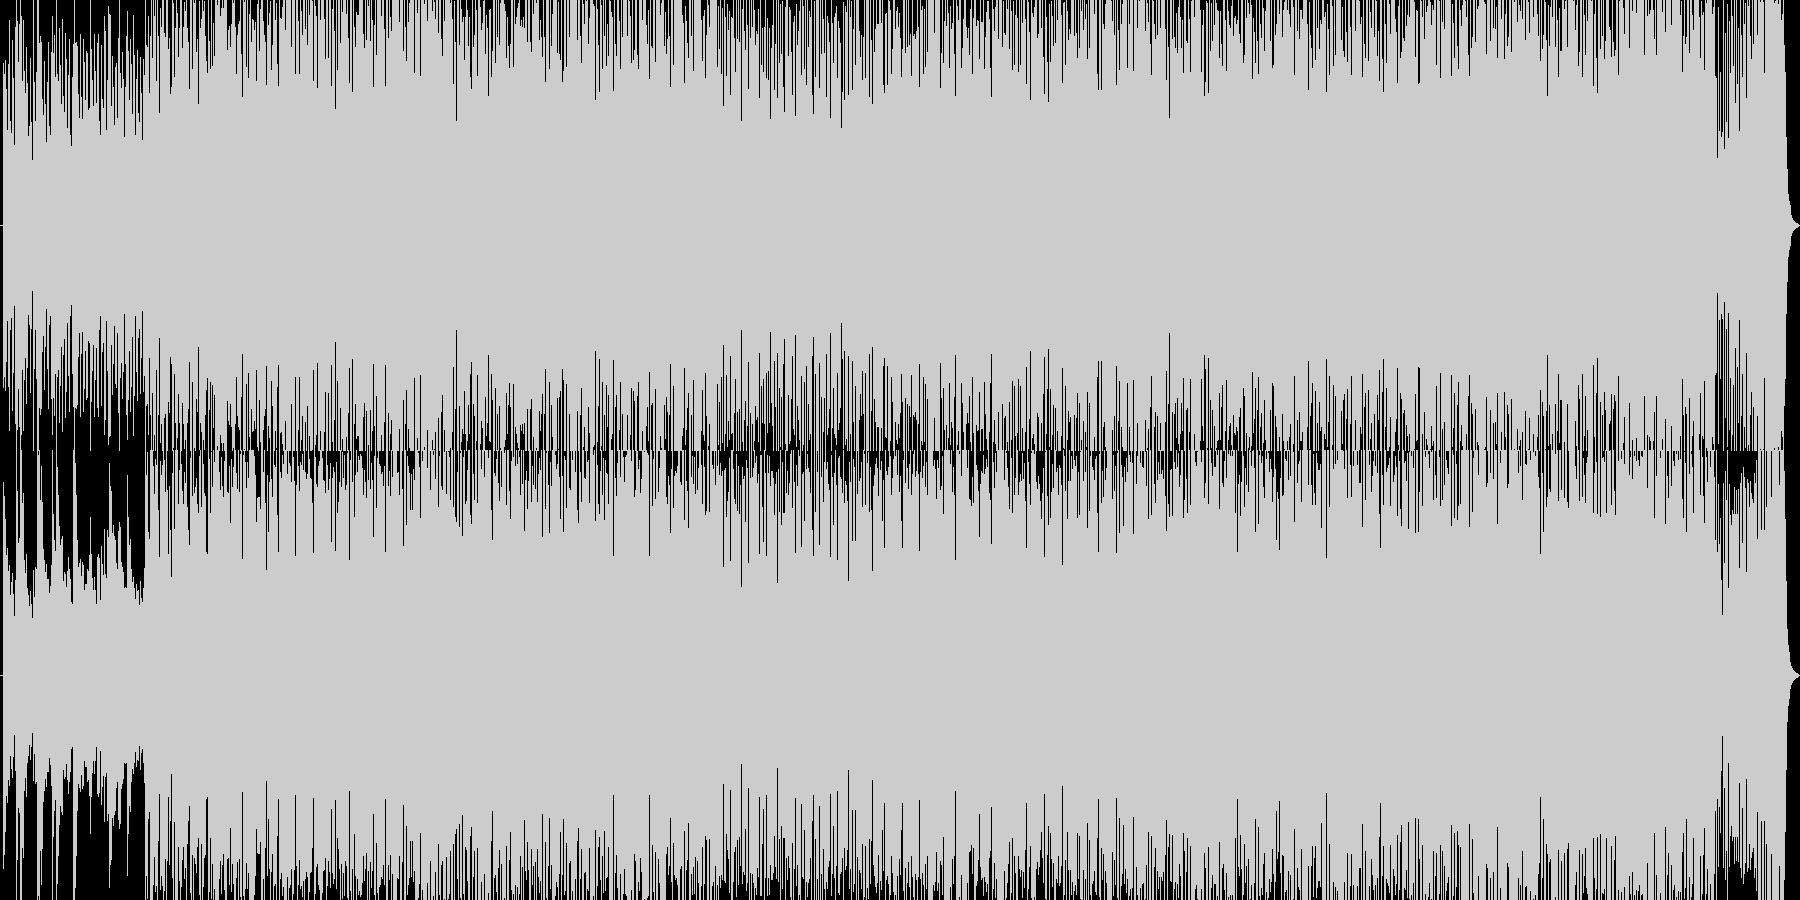 緊張感のあるオーケルトラ戦闘曲の未再生の波形